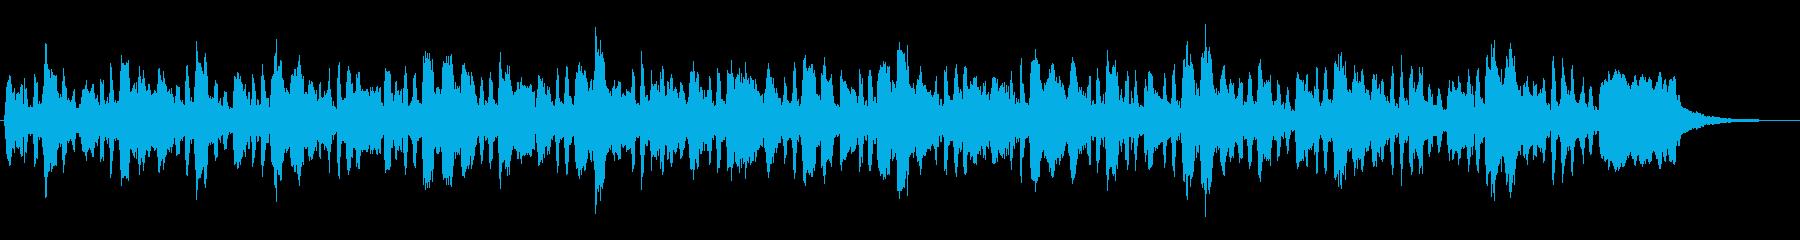 アイリッシュ風のコミカルなジングルの再生済みの波形